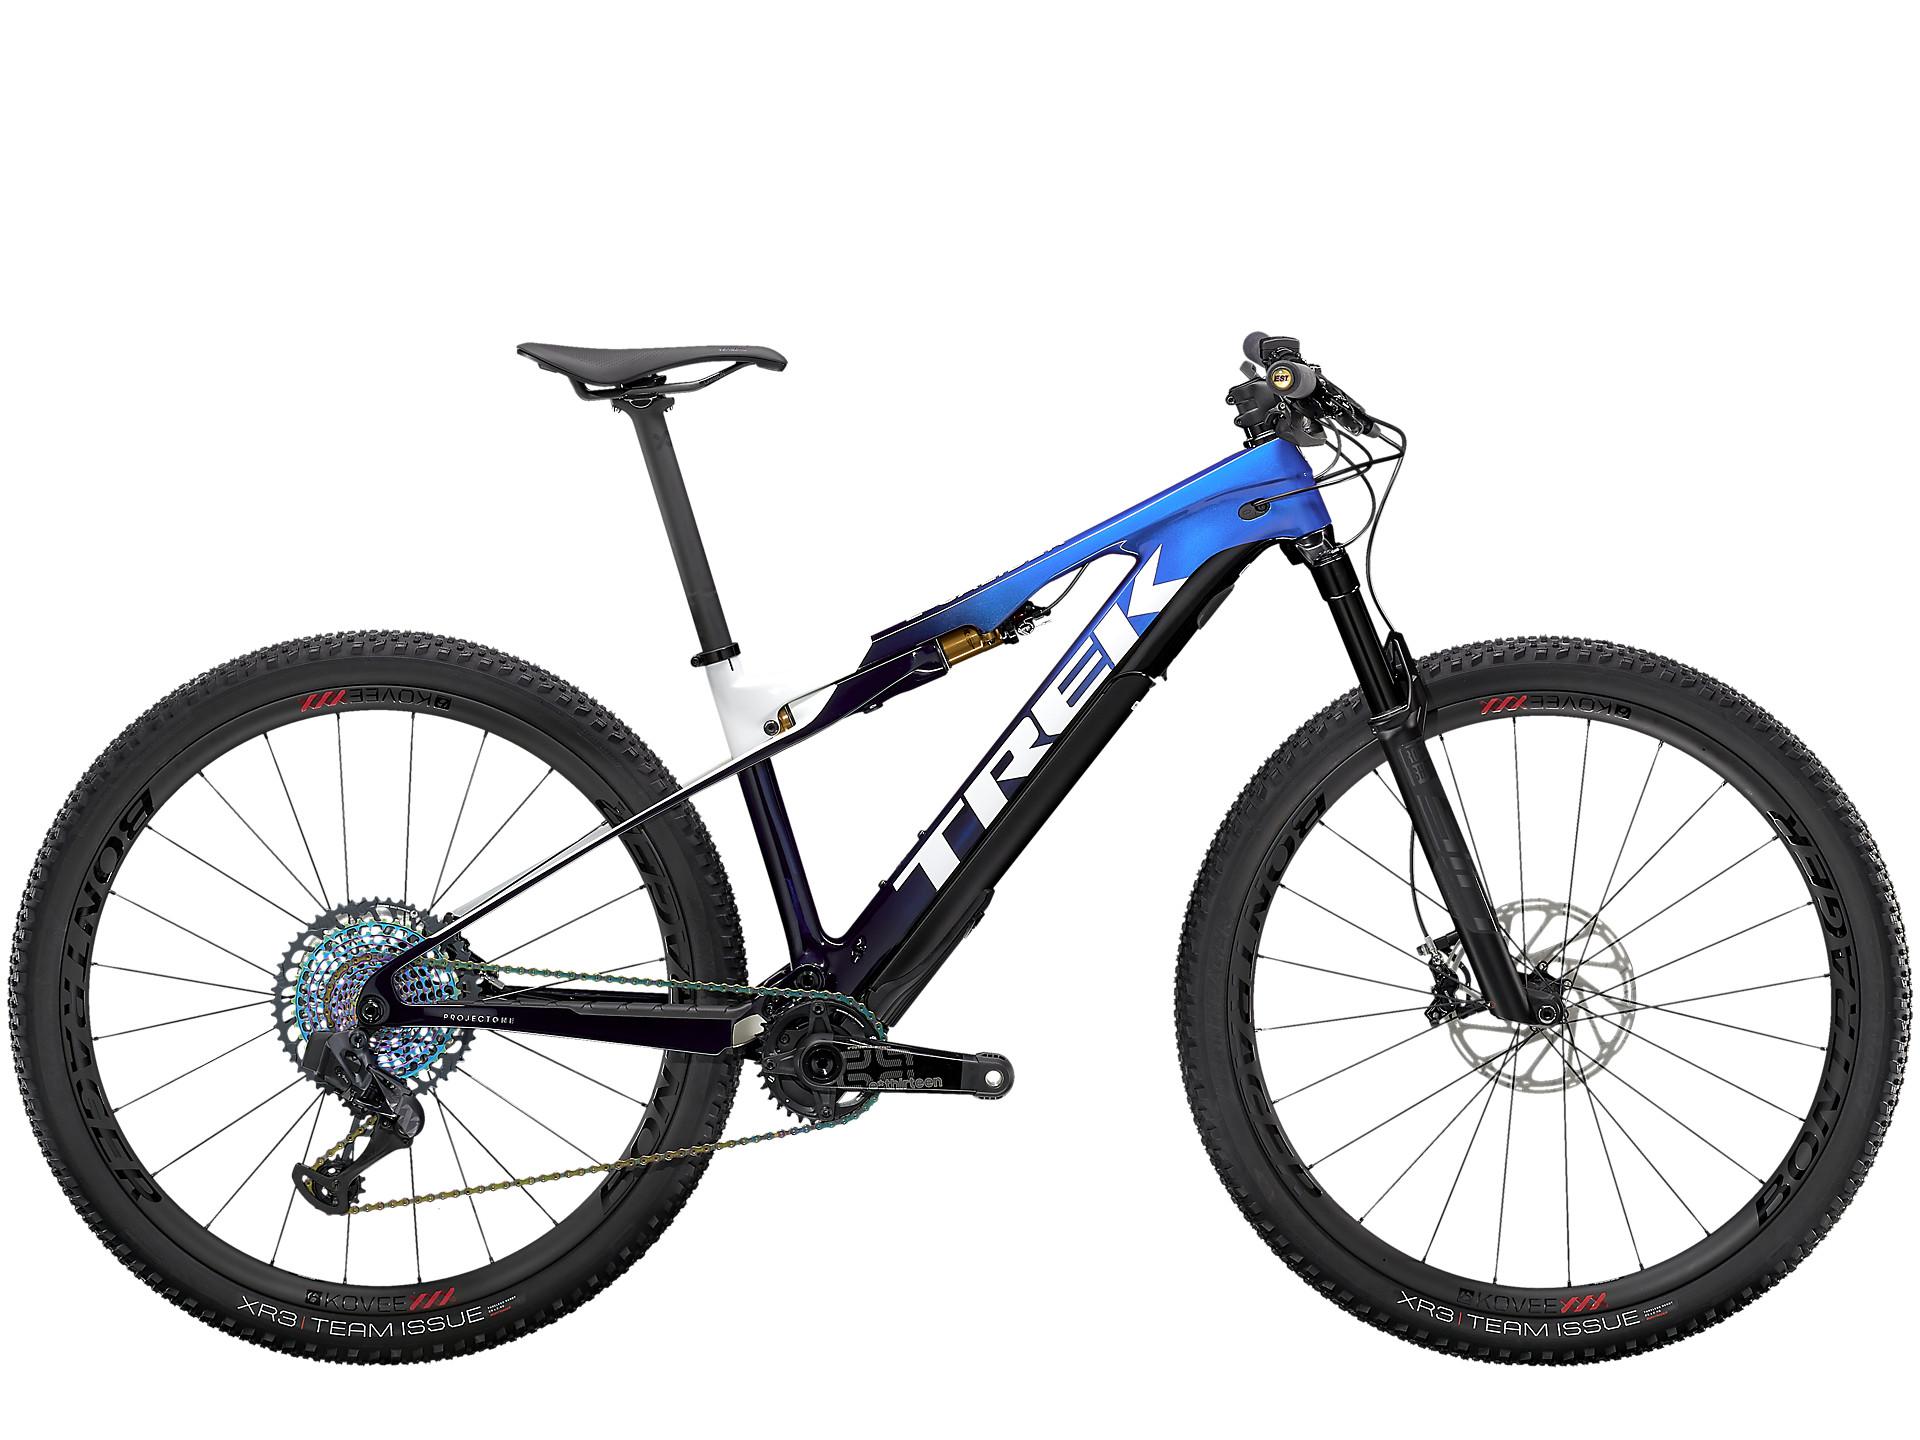 Trek e-caliber - lightest e bike for mtb rides